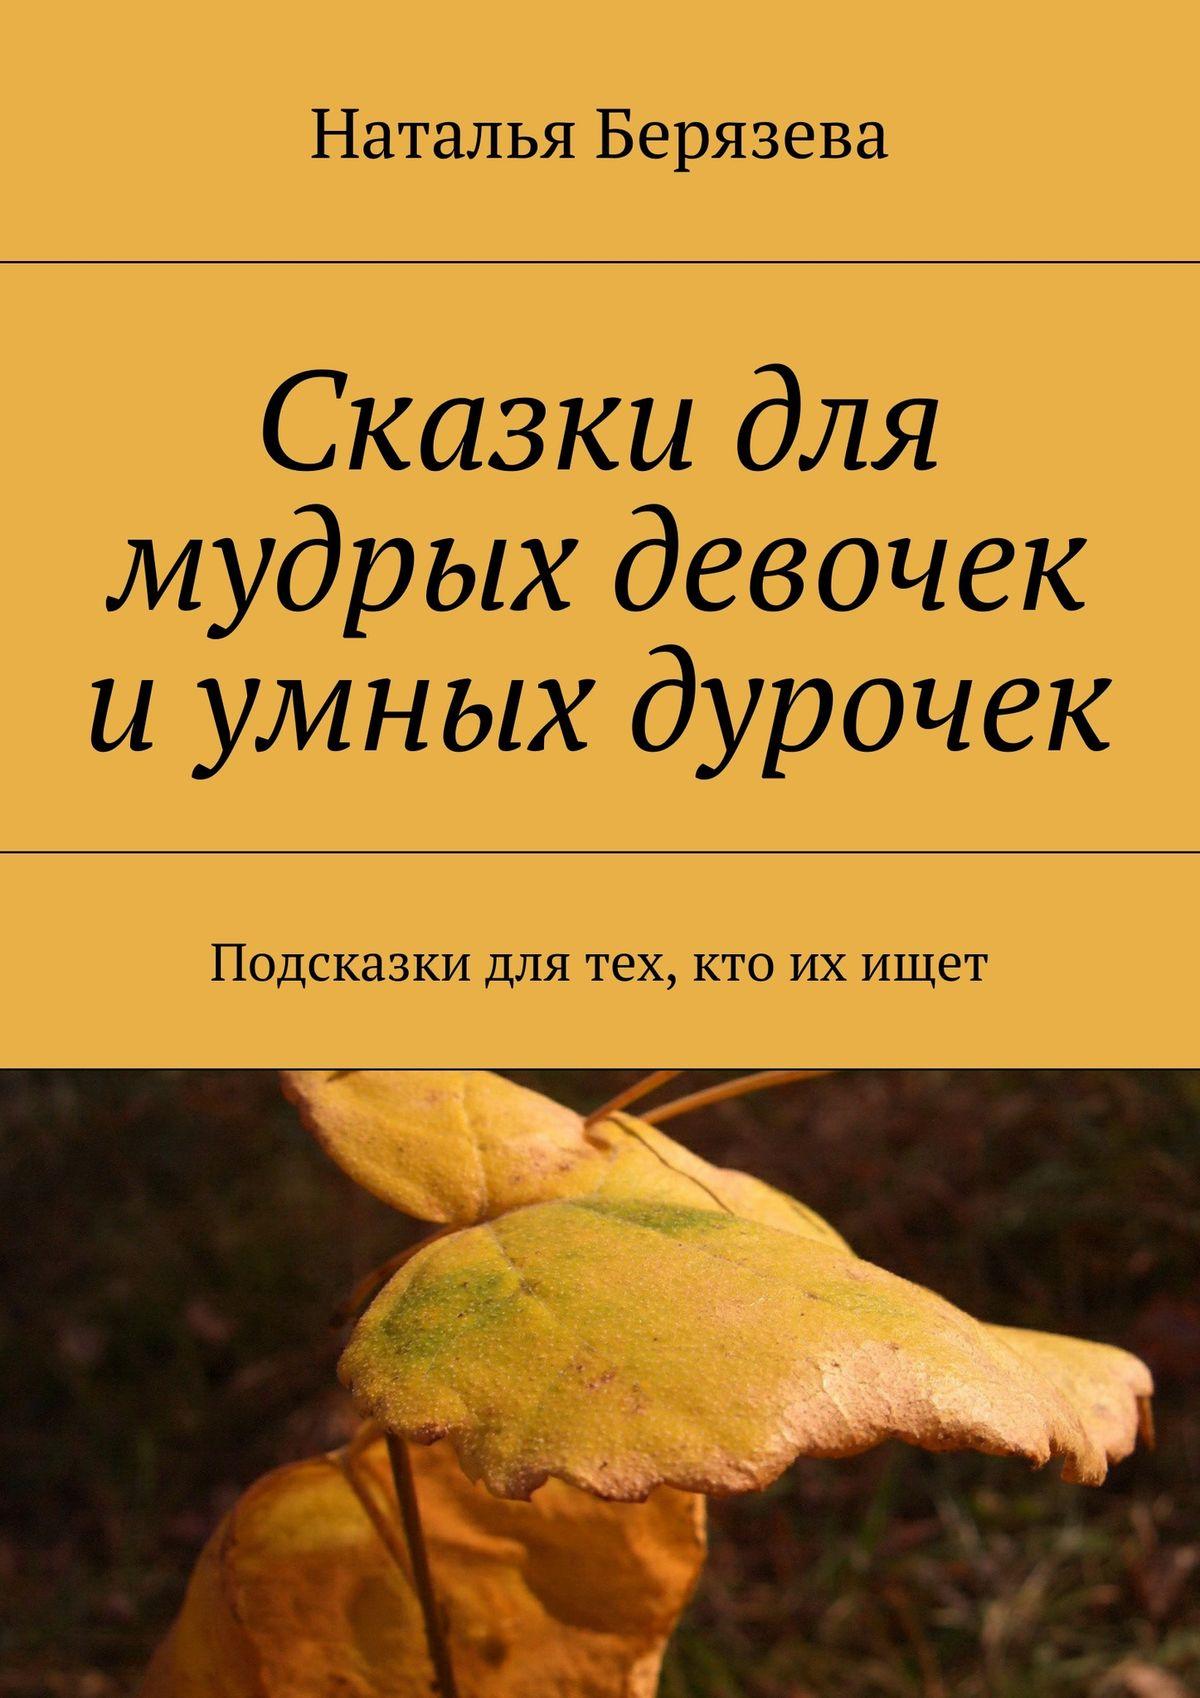 Наталья Александровна Берязева Cказки для мудрых девочек и умных дурочек цена и фото